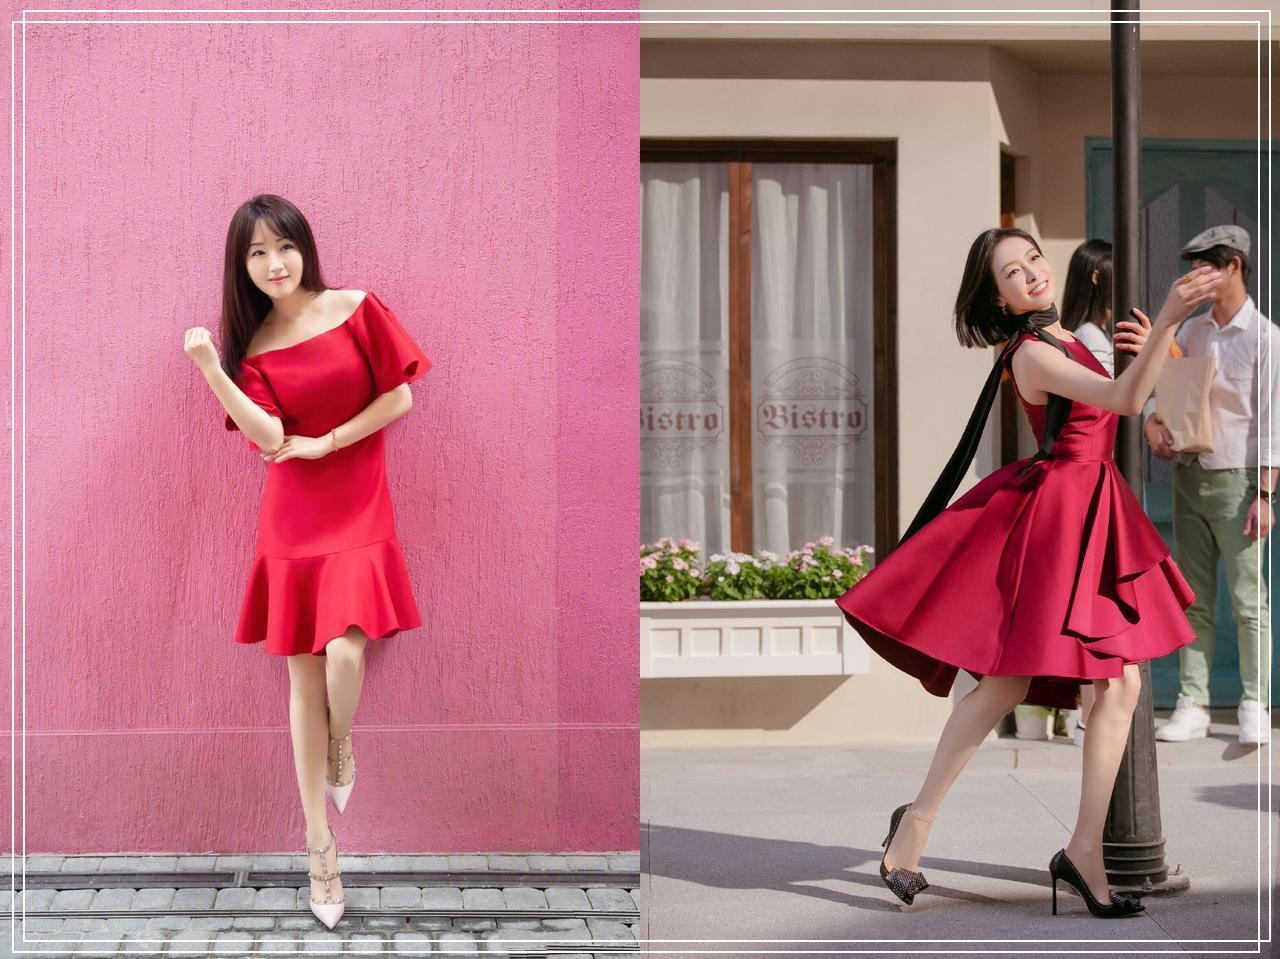 【穿搭技巧】48岁还有婴儿肌和牙签腿,一袭红裙穿的比宋茜还少女,杨钰莹绝了!